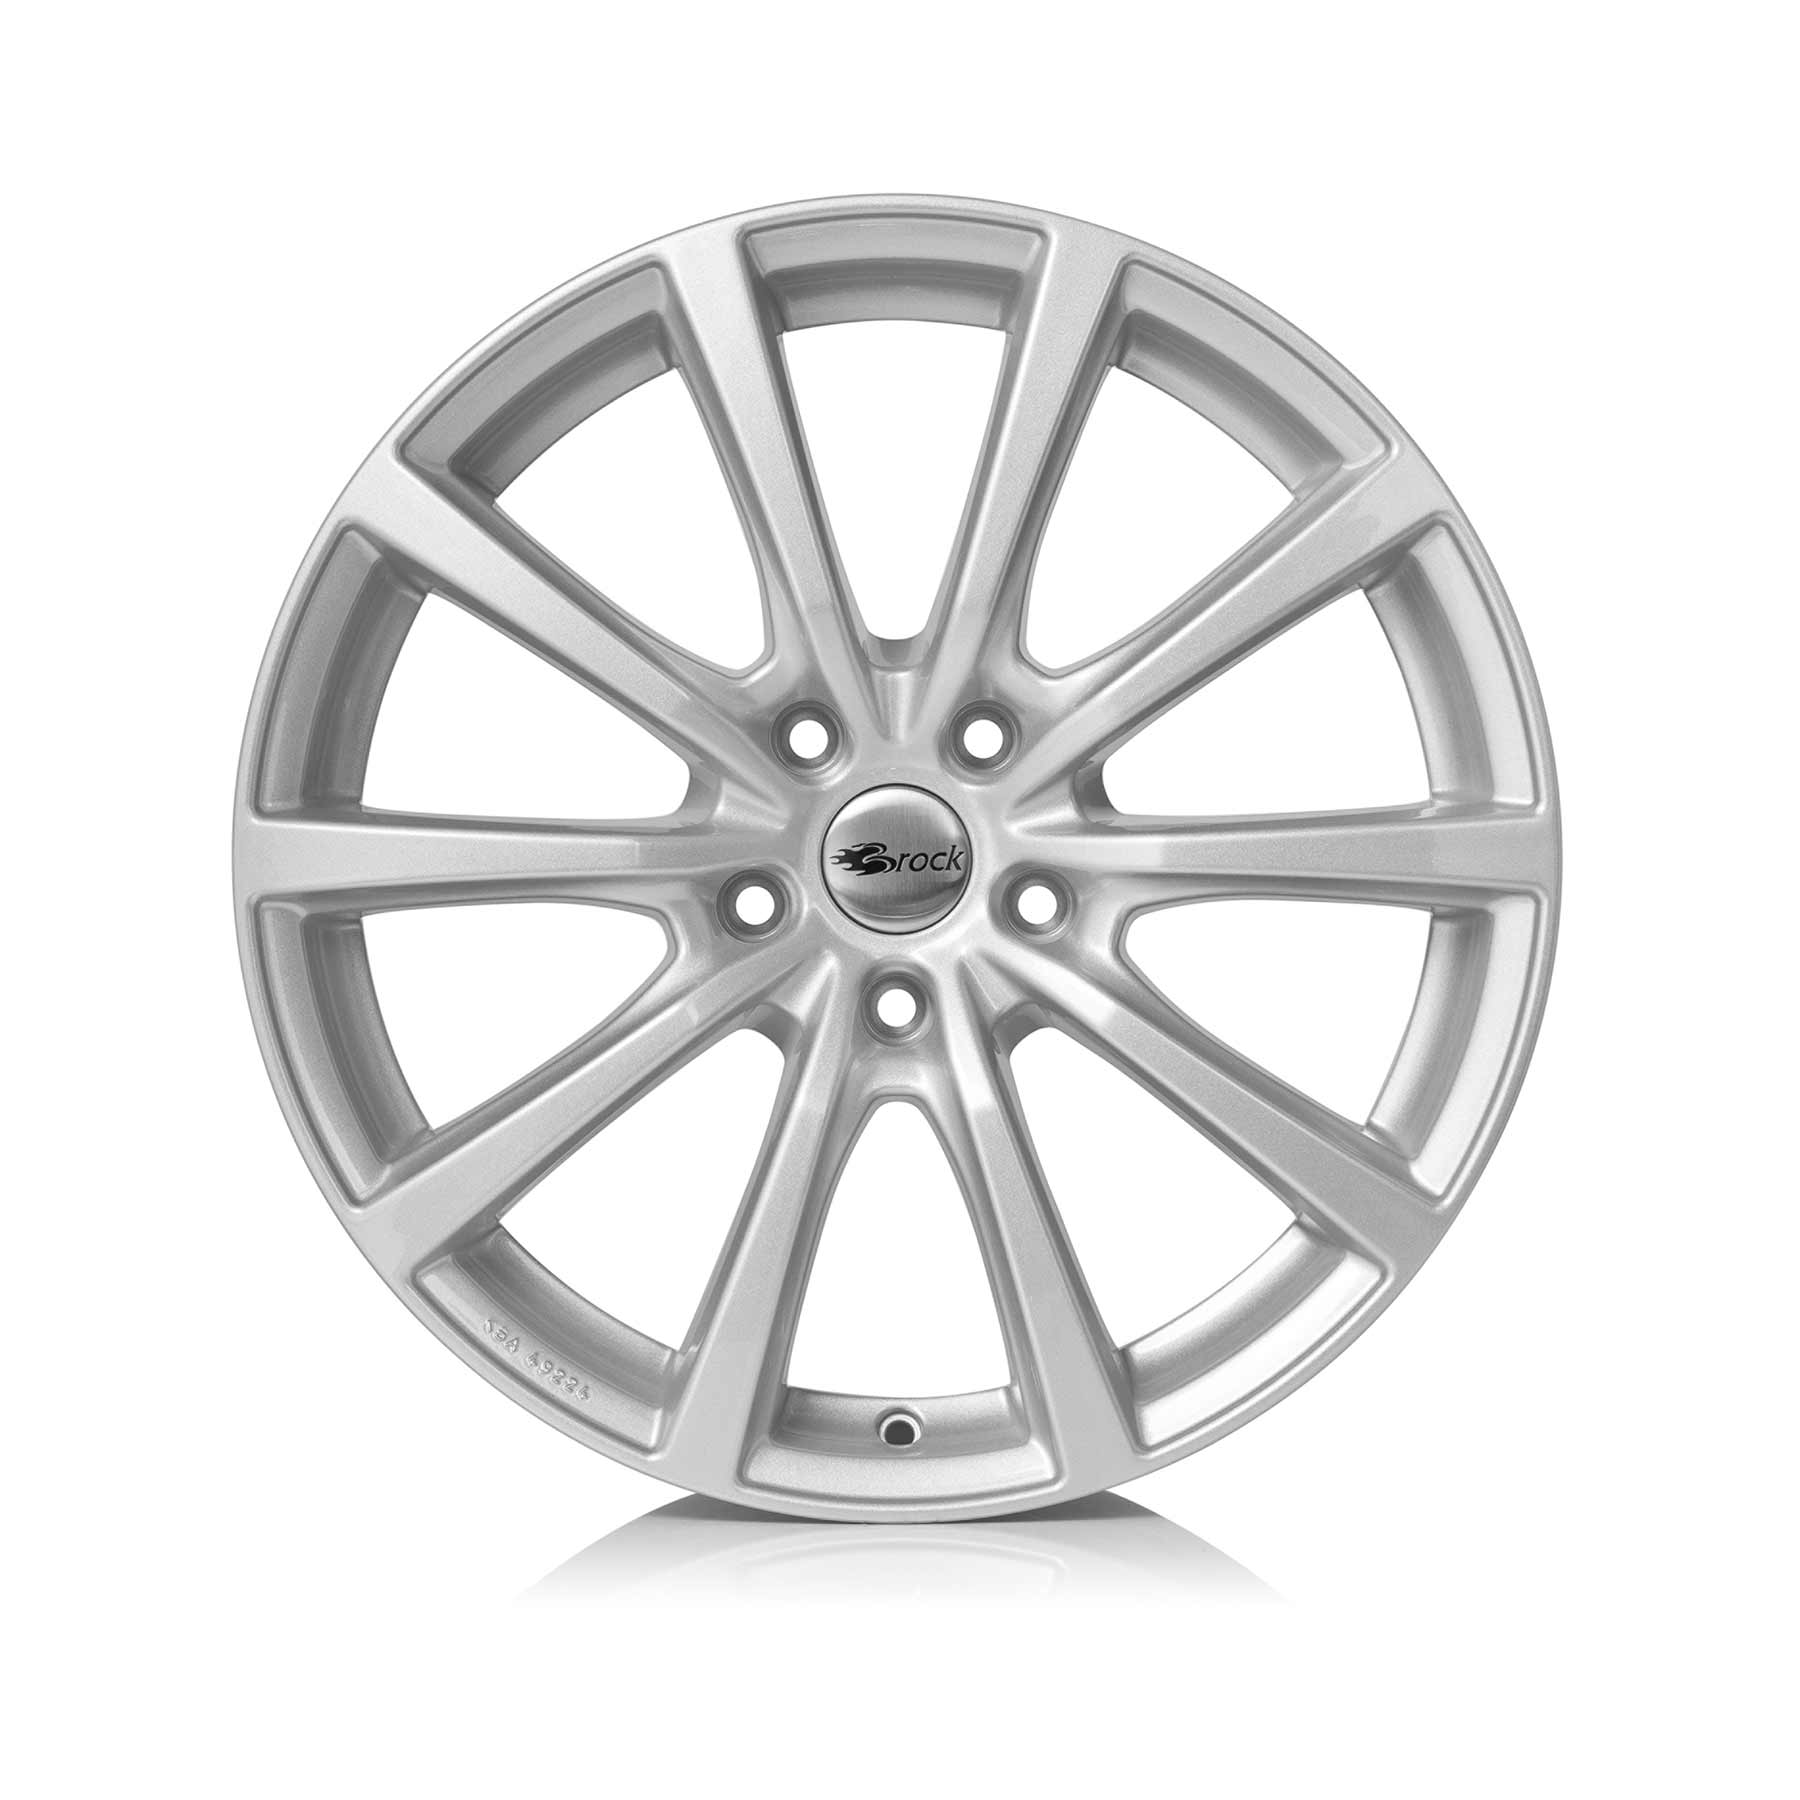 Brock B32 Alloy Wheel 18 22 Inch in HGVP SKM KS ABE and ECE